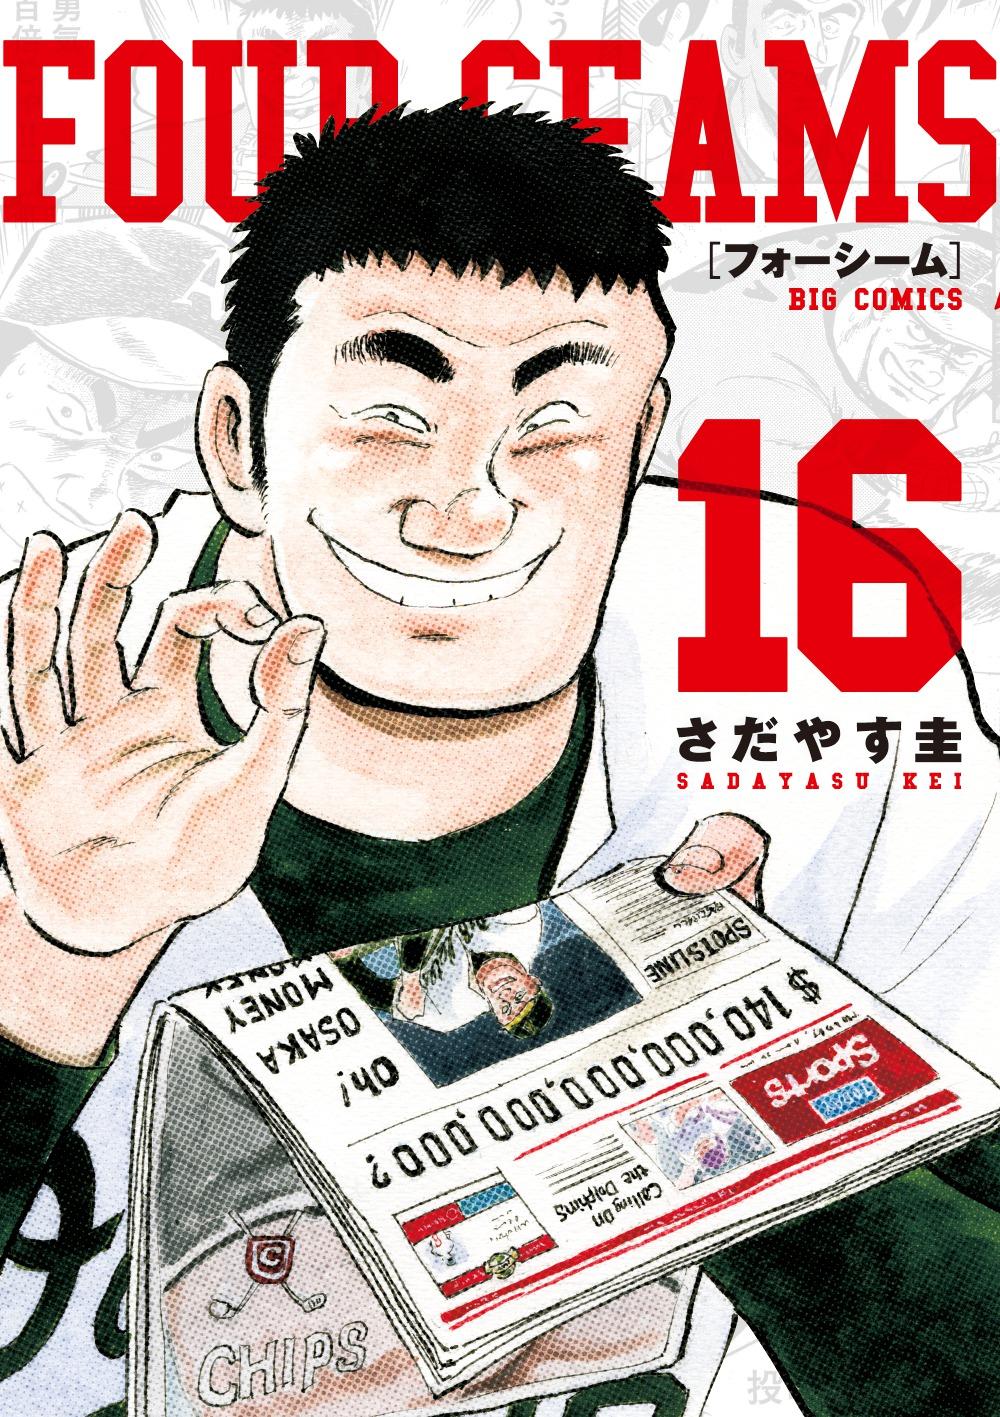 フォーシーム 第16集